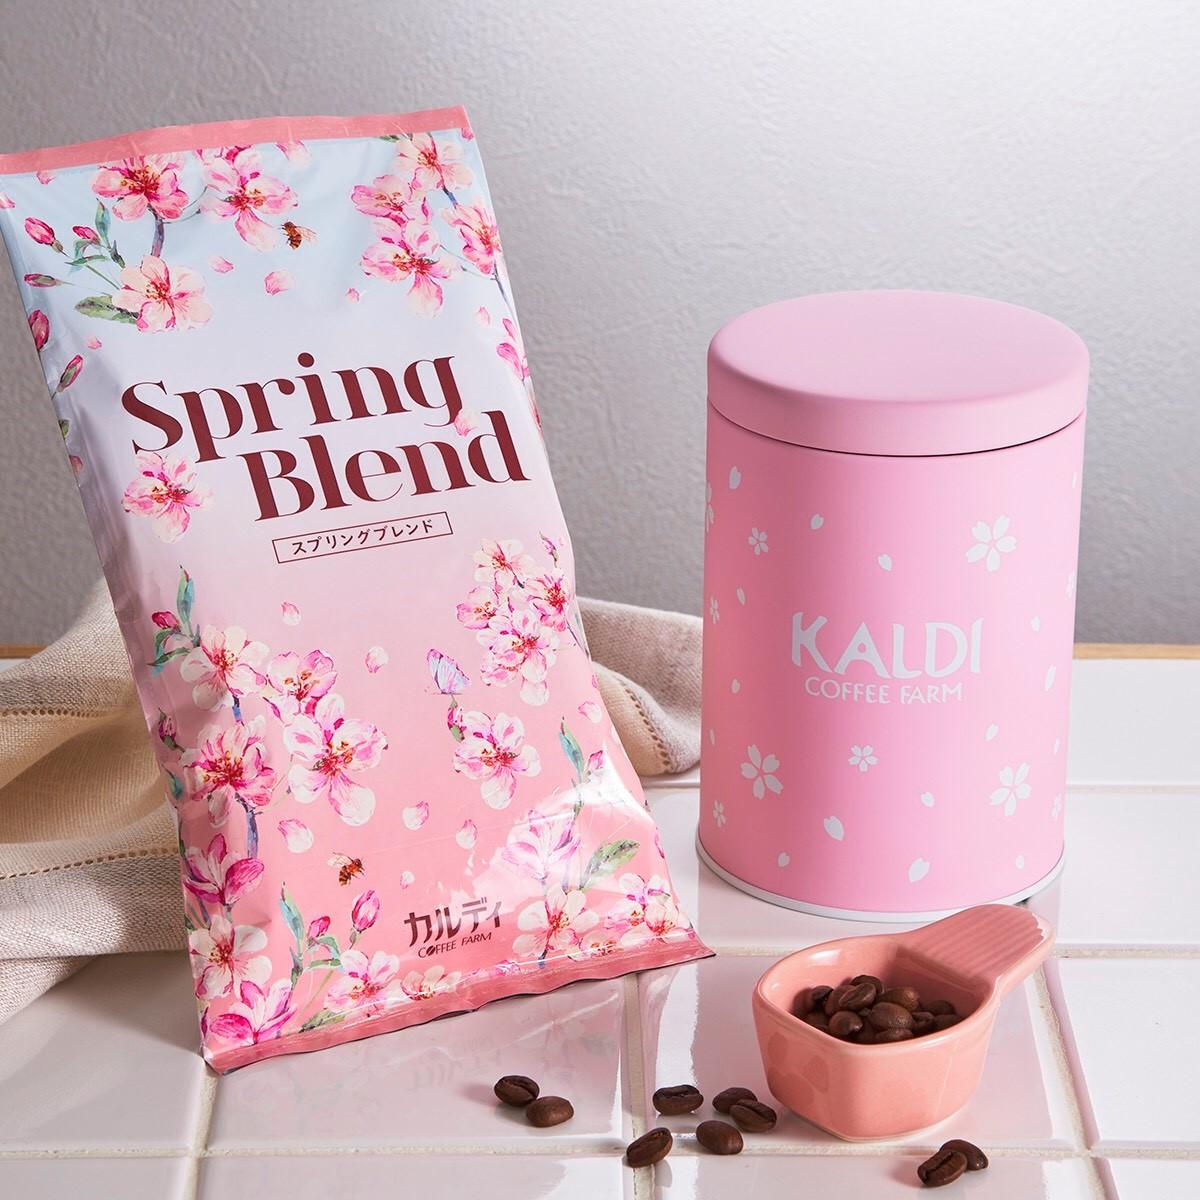 カルディコーヒーファーム 数量限定 春のキャニスター缶セット